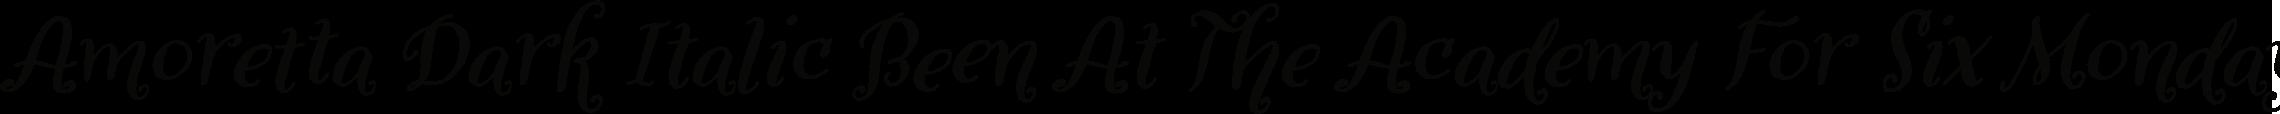 Amoretta Dark Italic